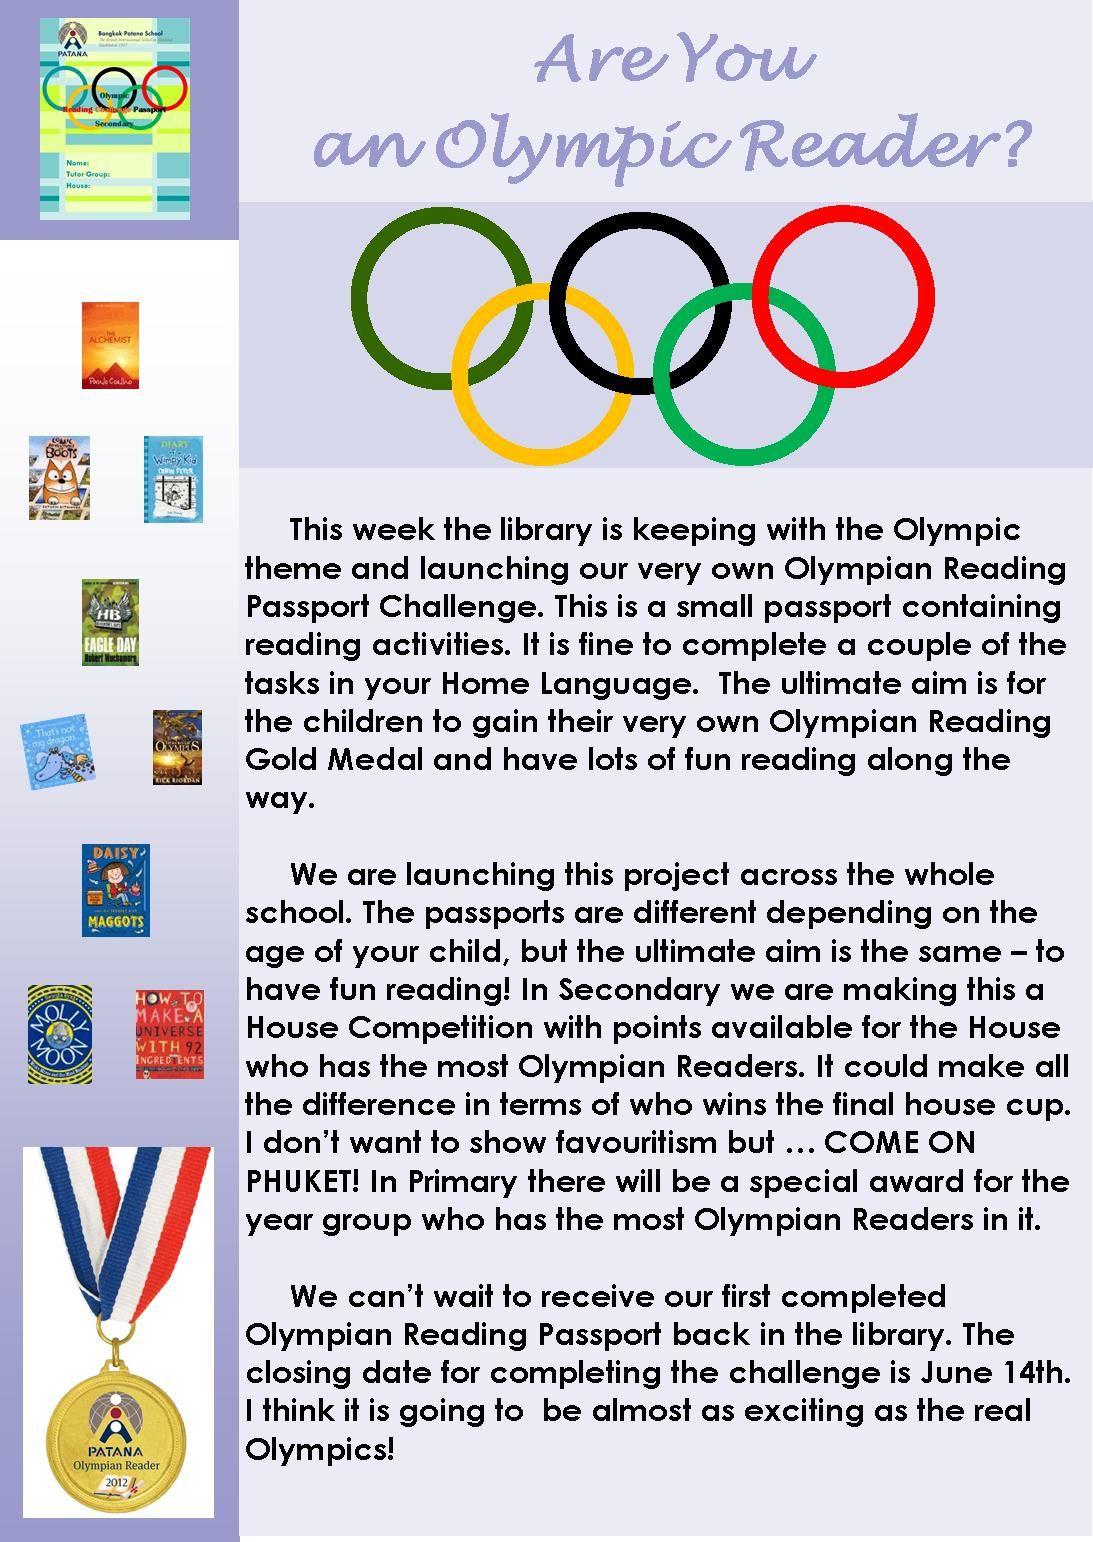 Library Reading Olympics